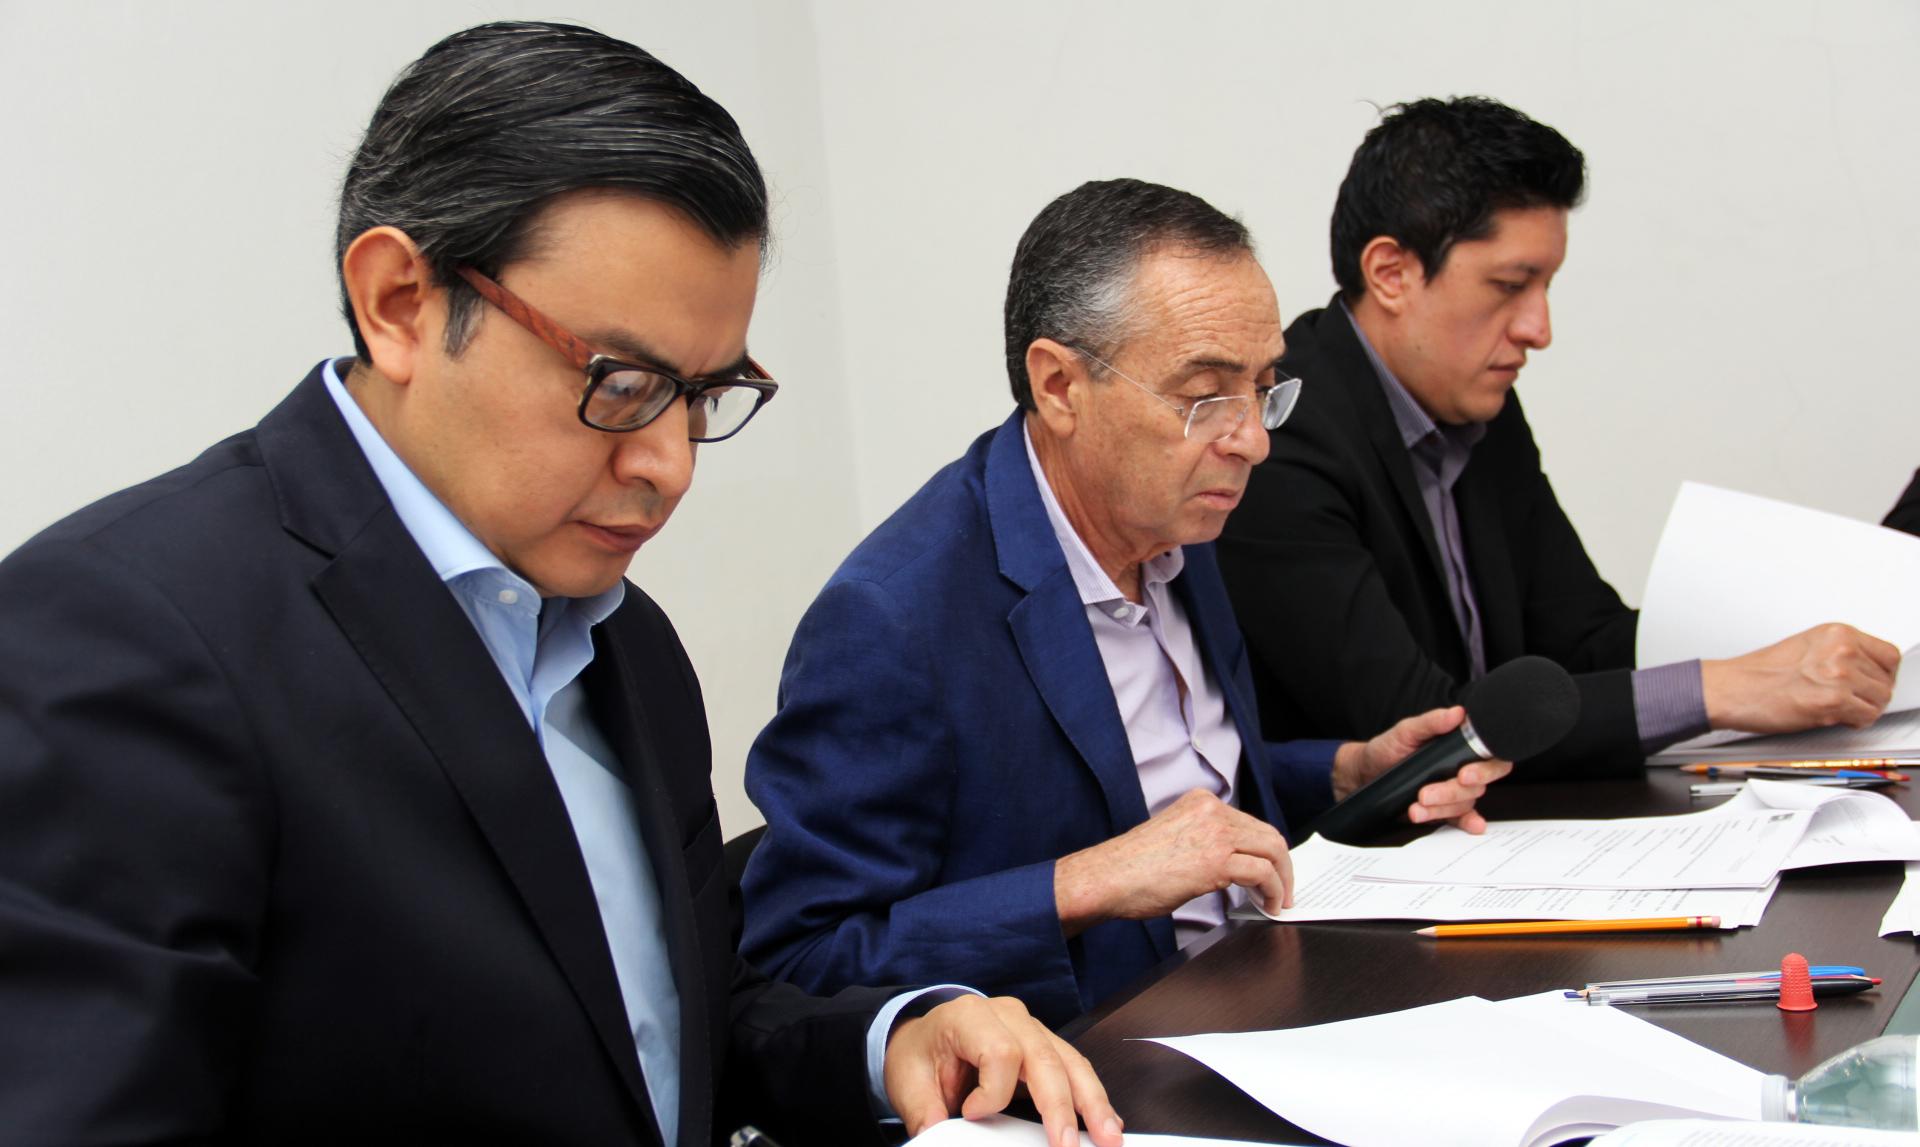 SSO DEBE INFORMAR SOBRE CONTRATOS DE SEGURIDAD PRIVADA, LIMPIEZA Y MANTENIMIENTO